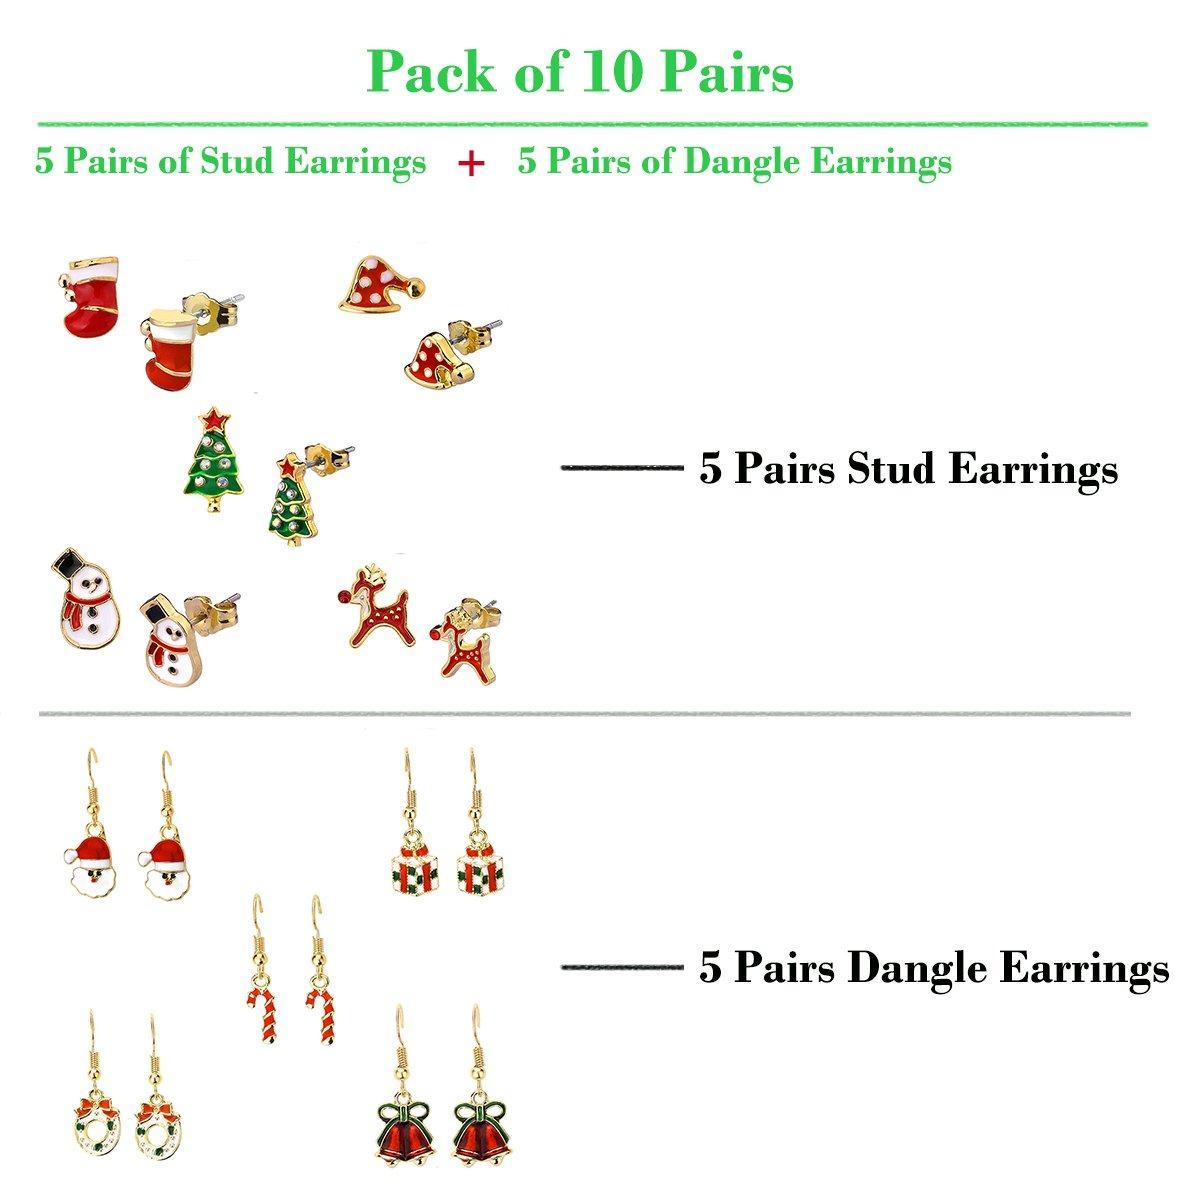 Juego De Aretes De Navidad Para Ninos 10 Pares Regalos De